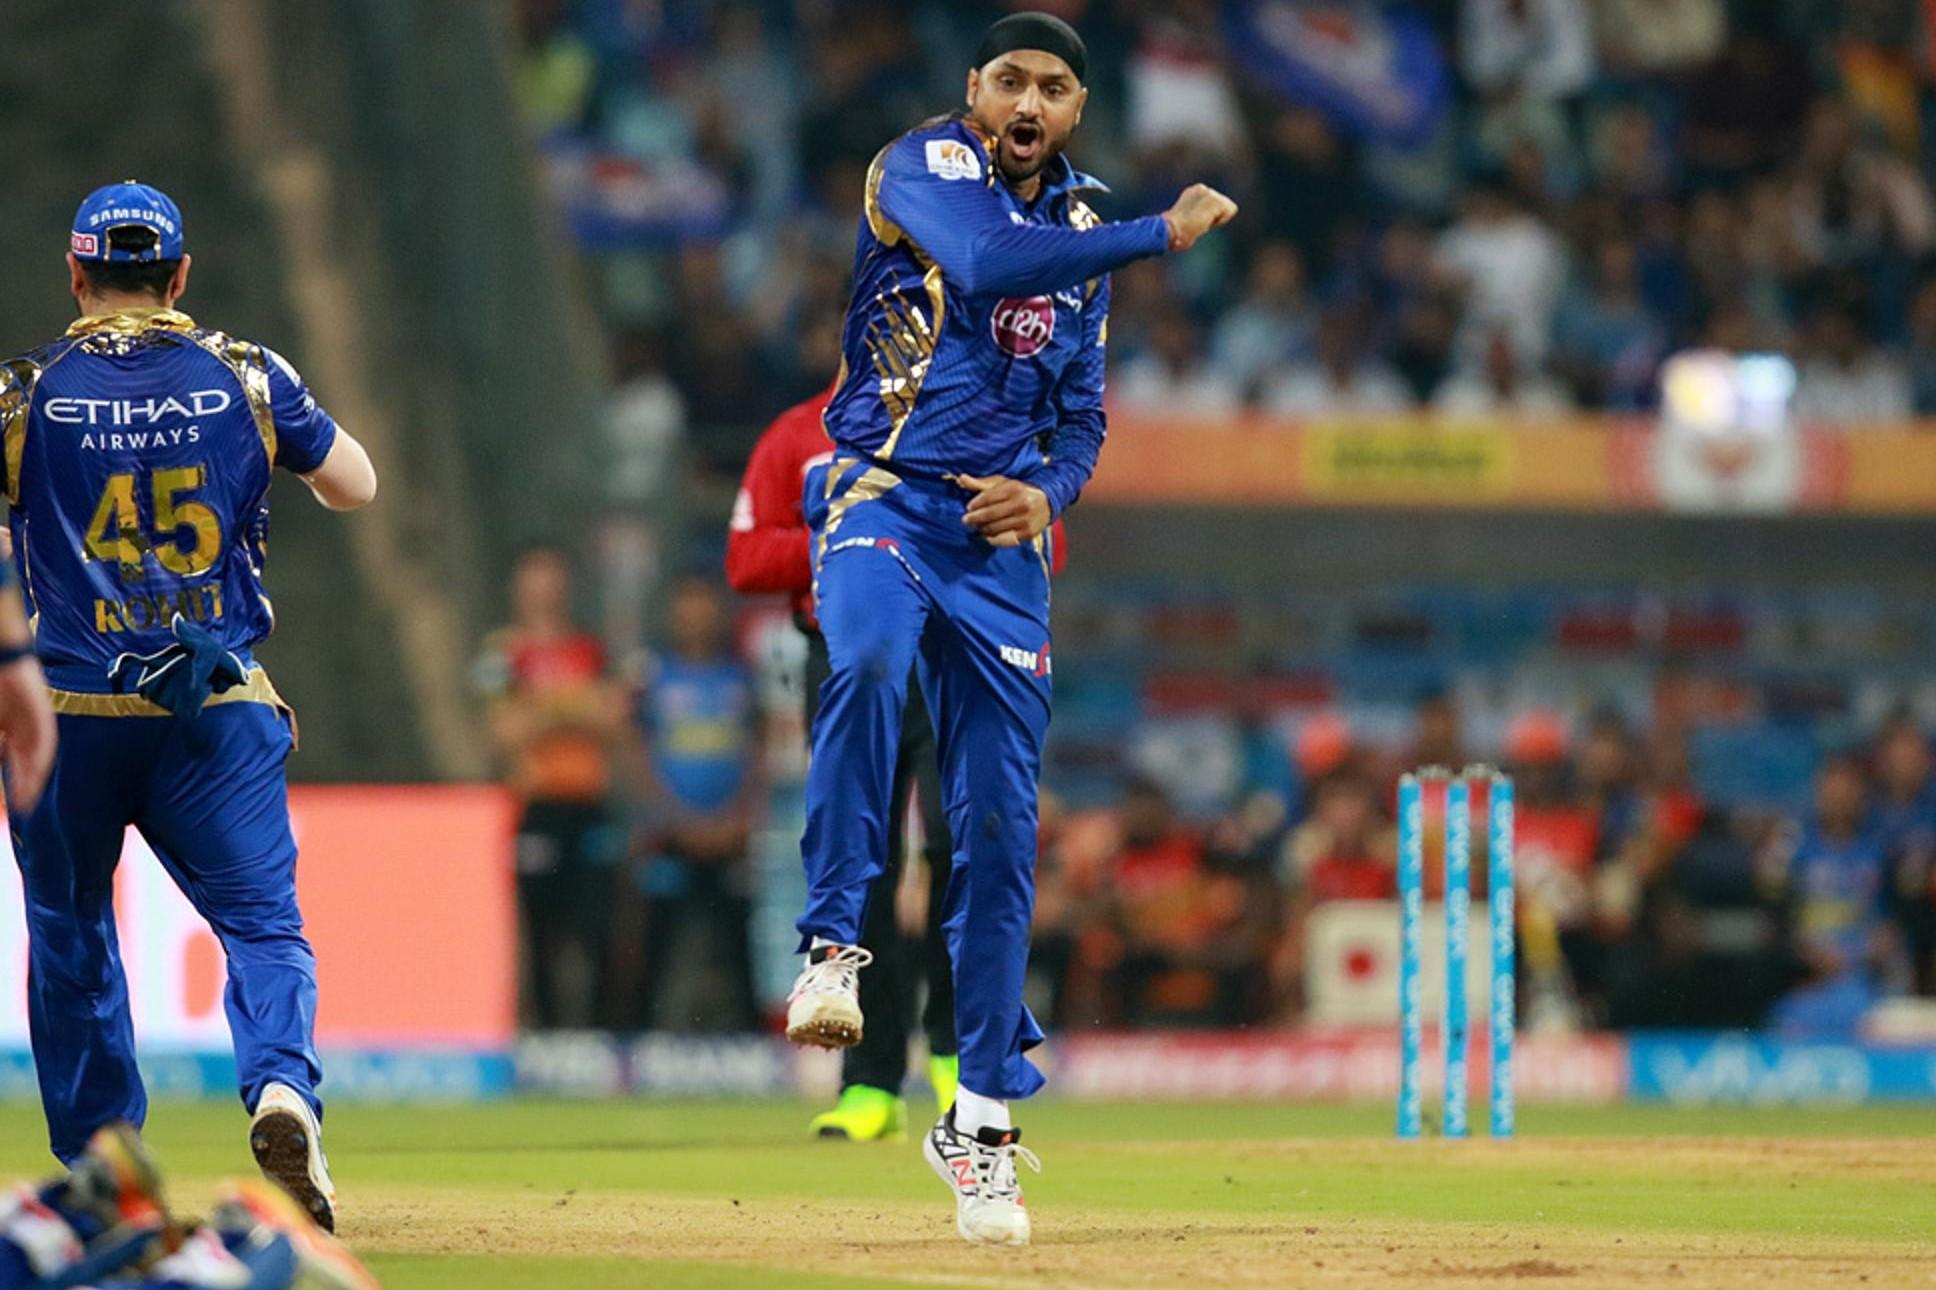 IPL 10: MI vs SRH: हरभजन सिंह ने बनाया एक ऐसा रिकॉर्ड, जिसके आस पास भी नहीं है रविचंद्रन अश्विन 5